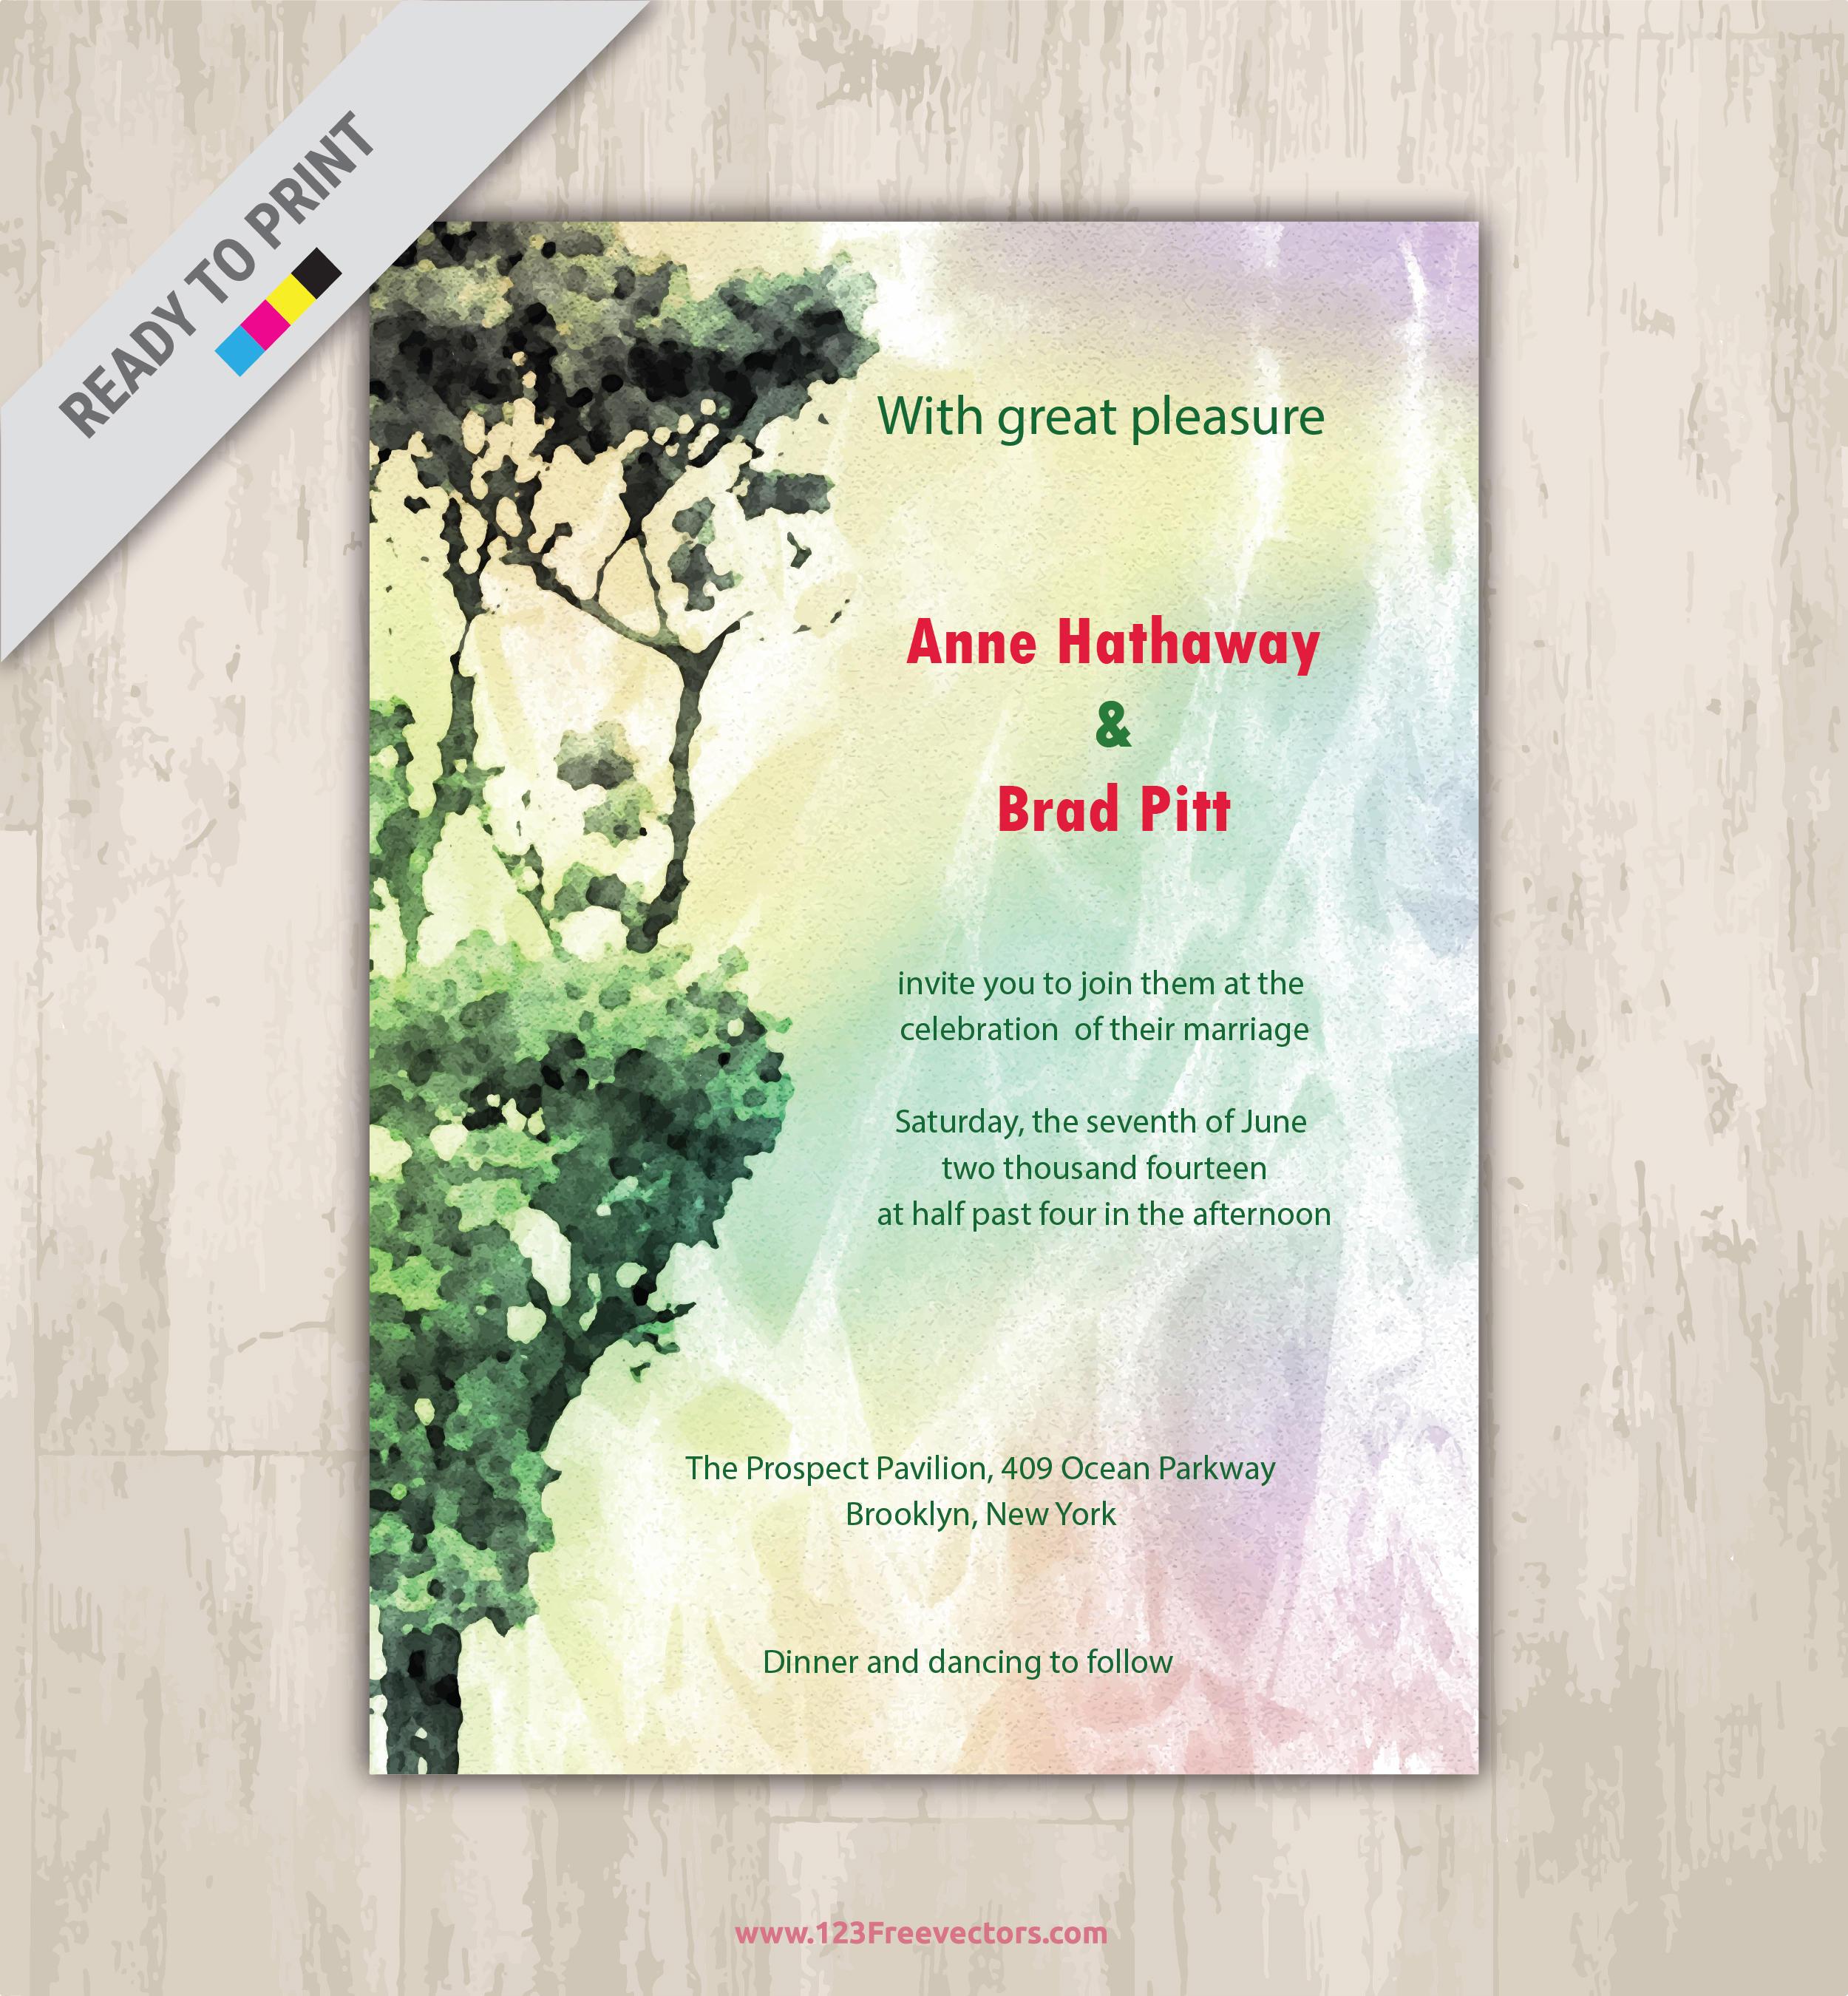 Watercolor Wedding invitation template gold glitter printable wedding invite design blue wedding printables abstract modern invite template